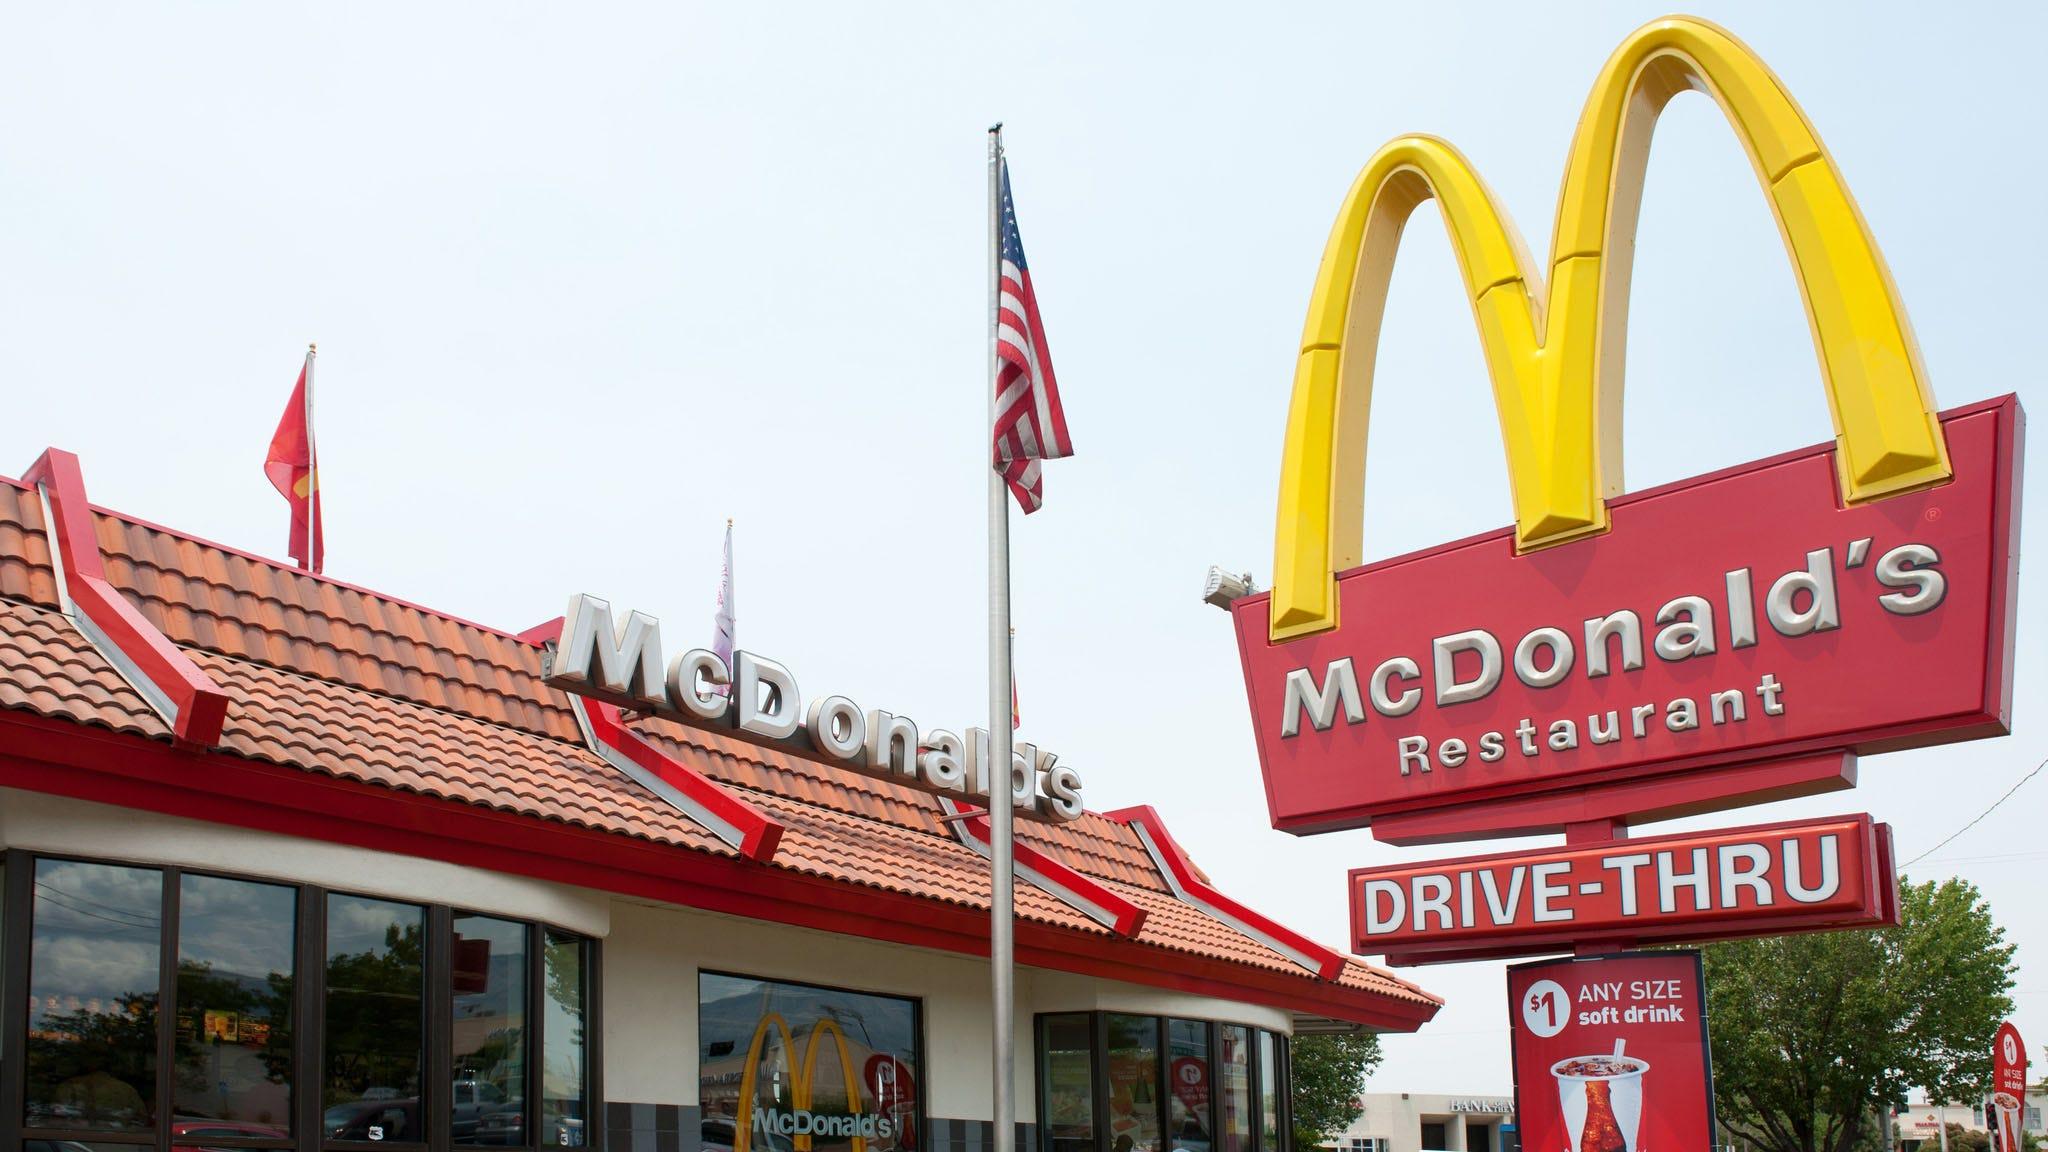 Τα mcdonald's για να κλείσετε όλα τα εστιατόρια στο ηνωμένο βασίλειο, λόγω coronavirus